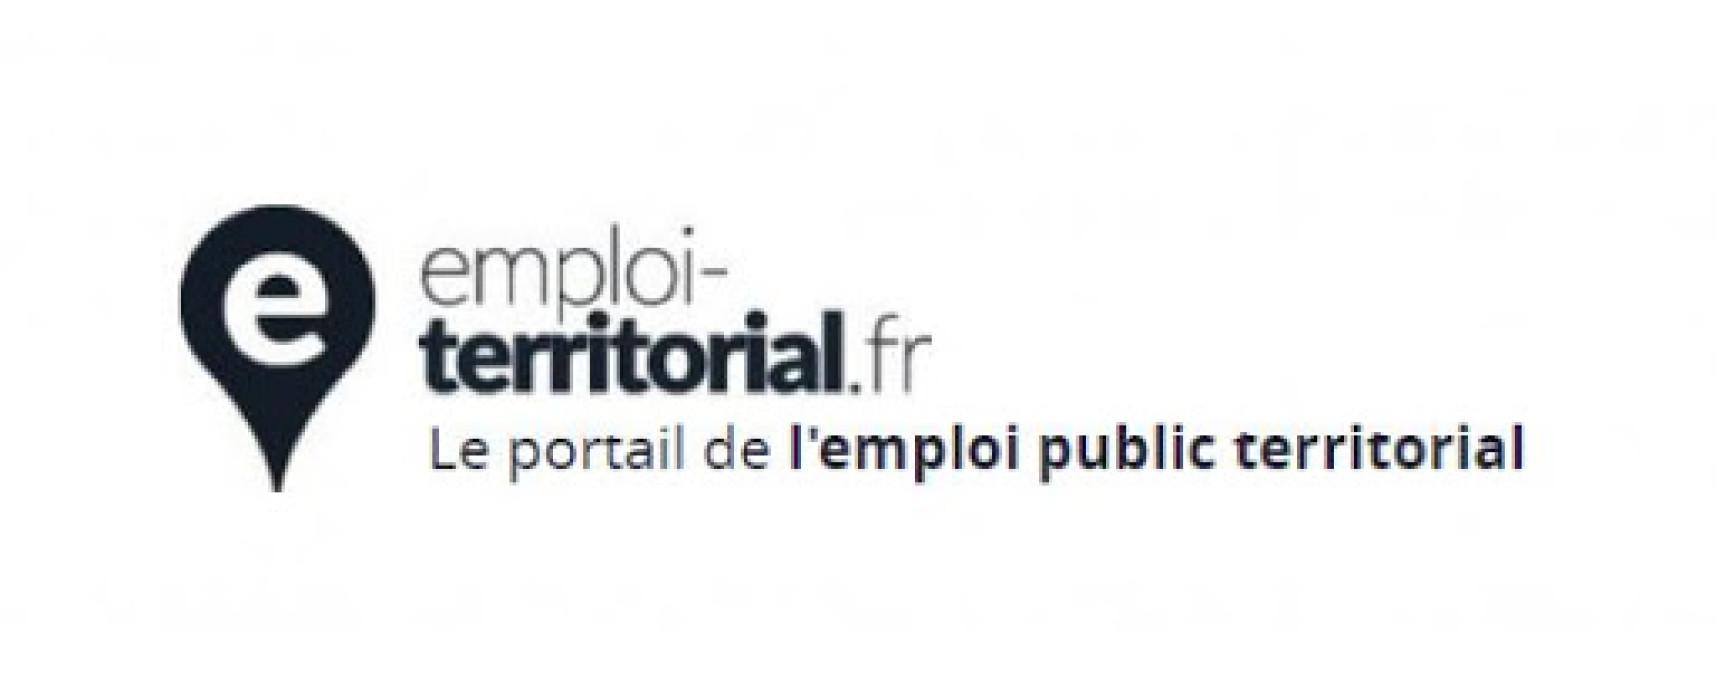 La Région Nouvelle Aquitaine recrute #Aubusson #Felletin